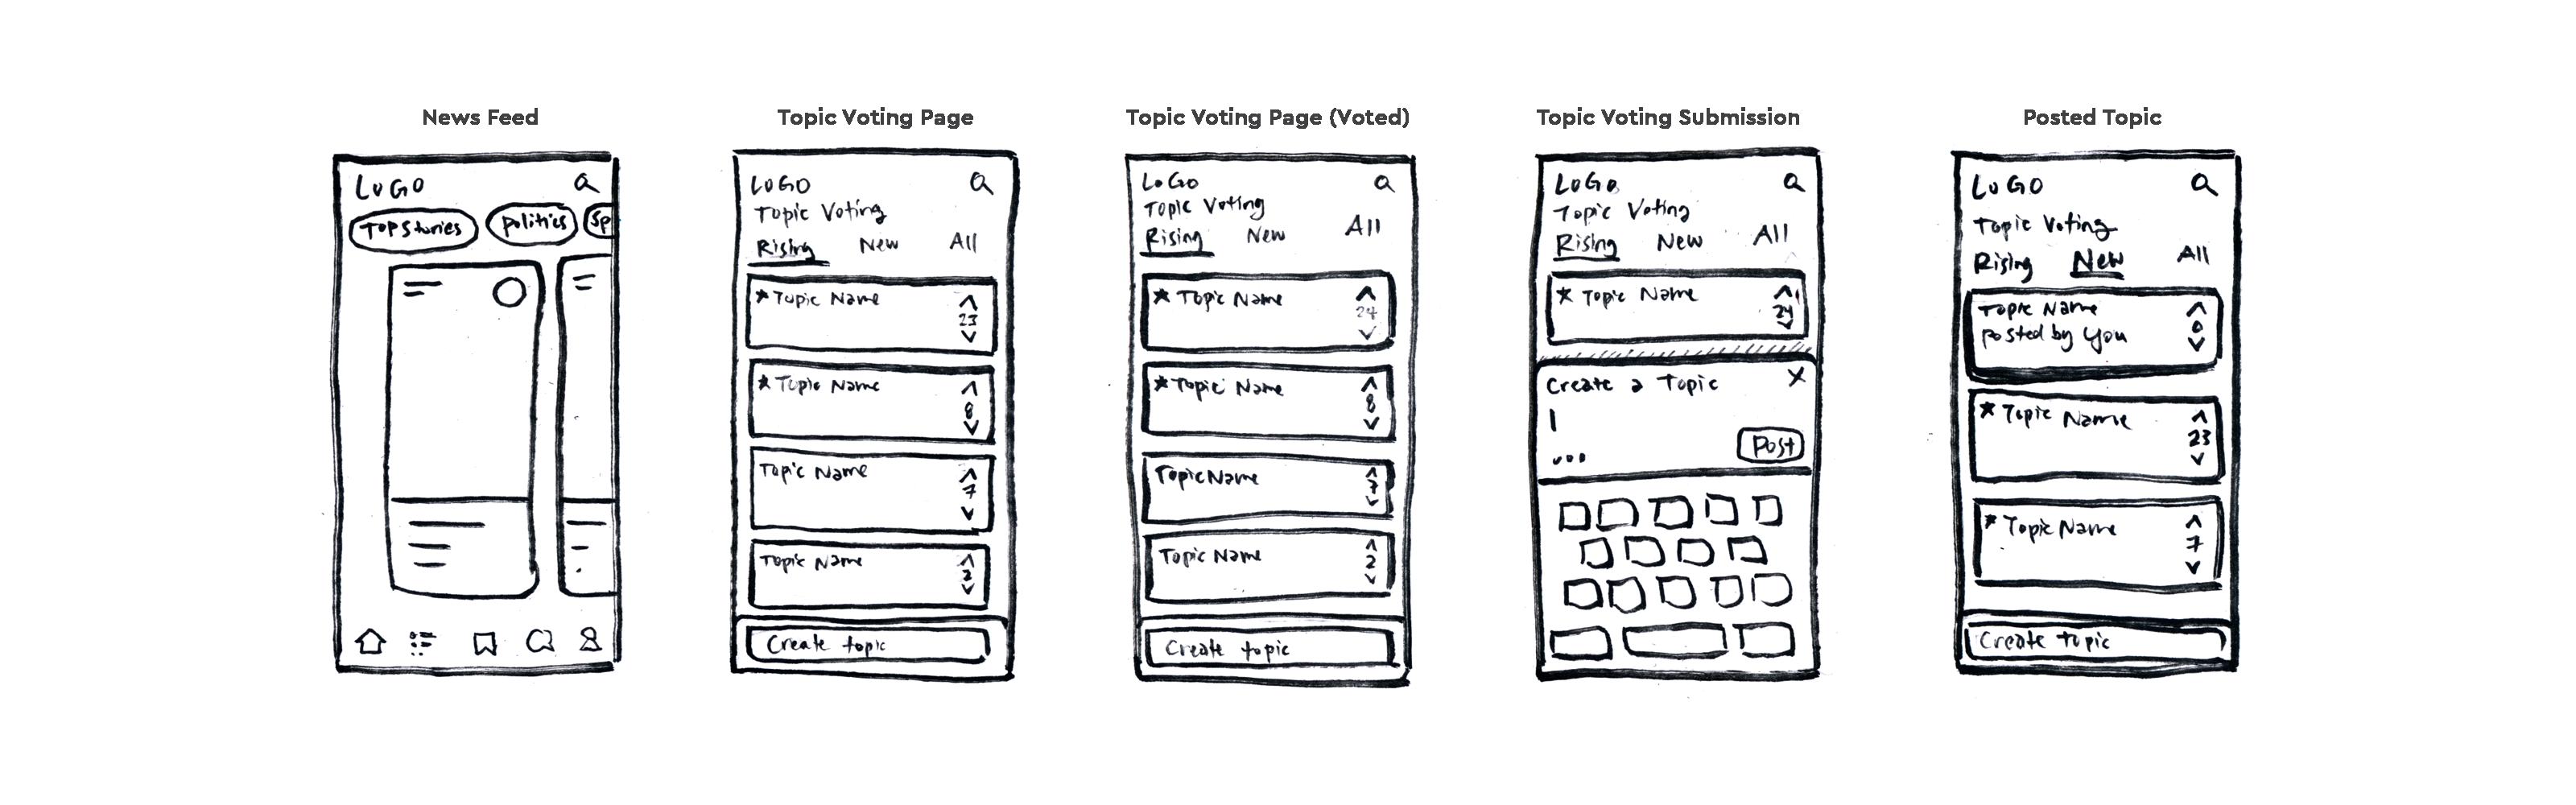 Capstone_TaskFlow_Version2_sketches